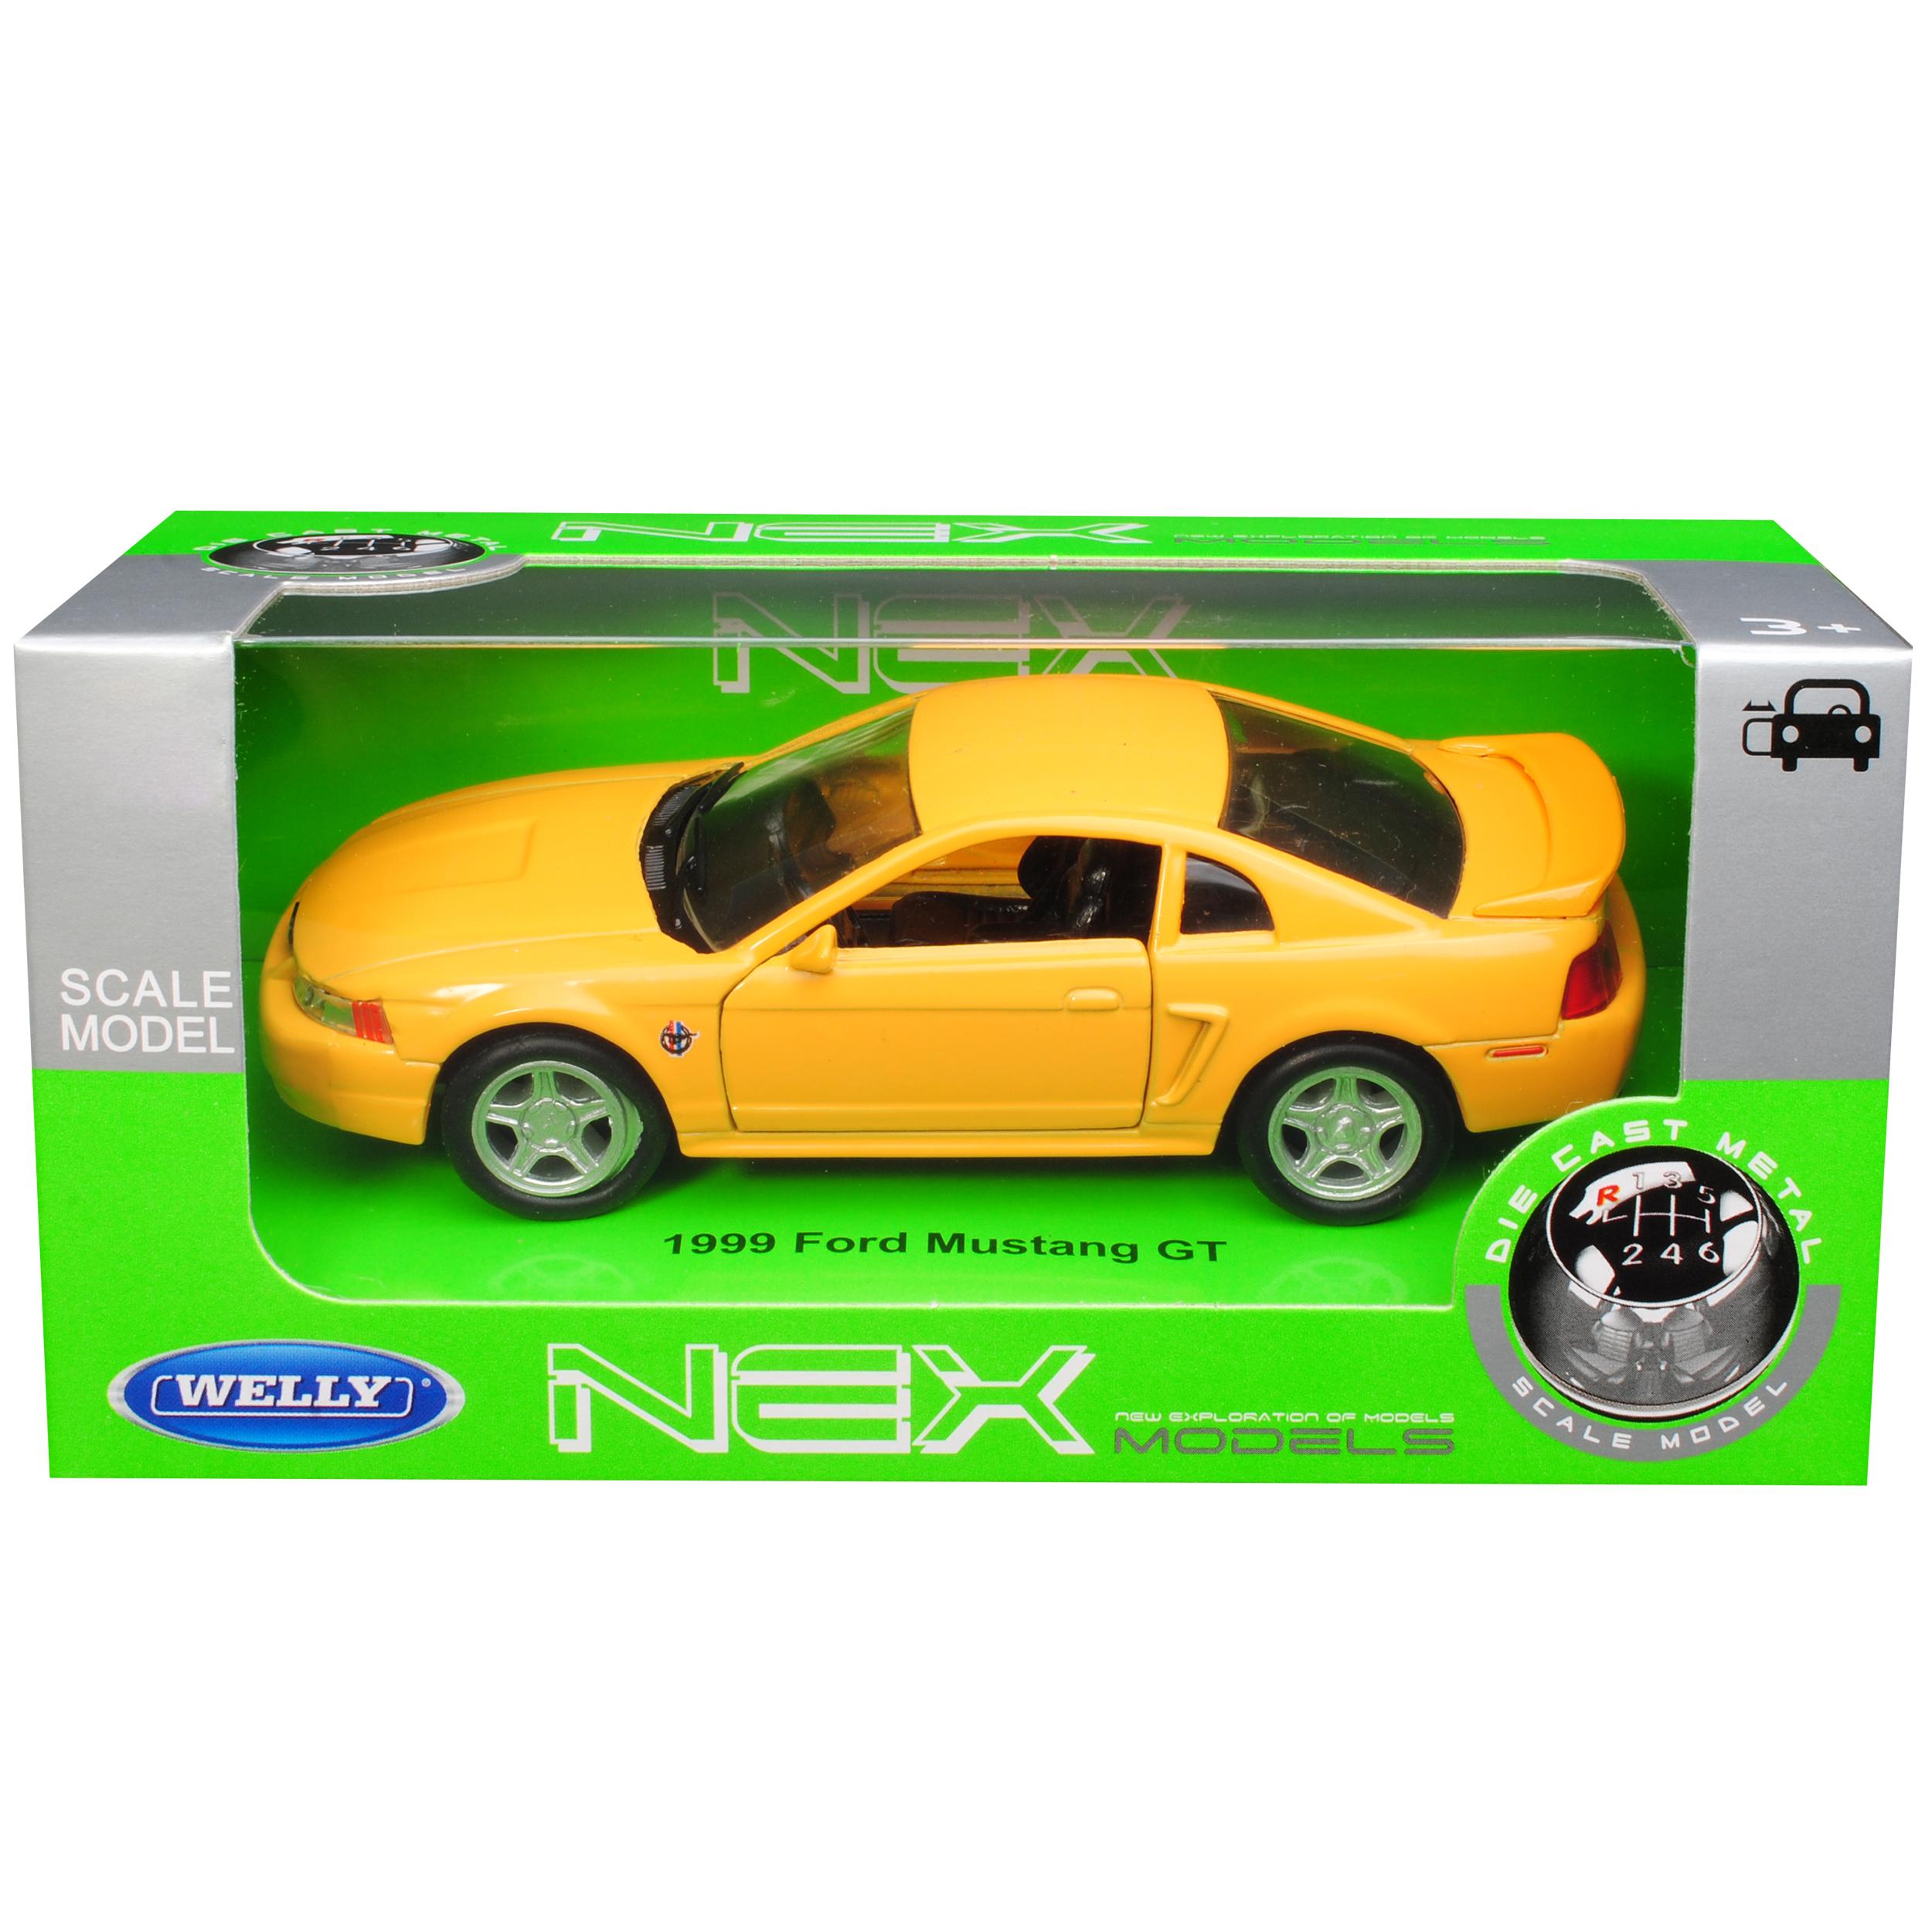 Version-de-amarillo-1994-2004-Ford-Mustang-IV-GT-coupe-de-cara-Levante-1999-ca-1-43-1-36 miniatura 10